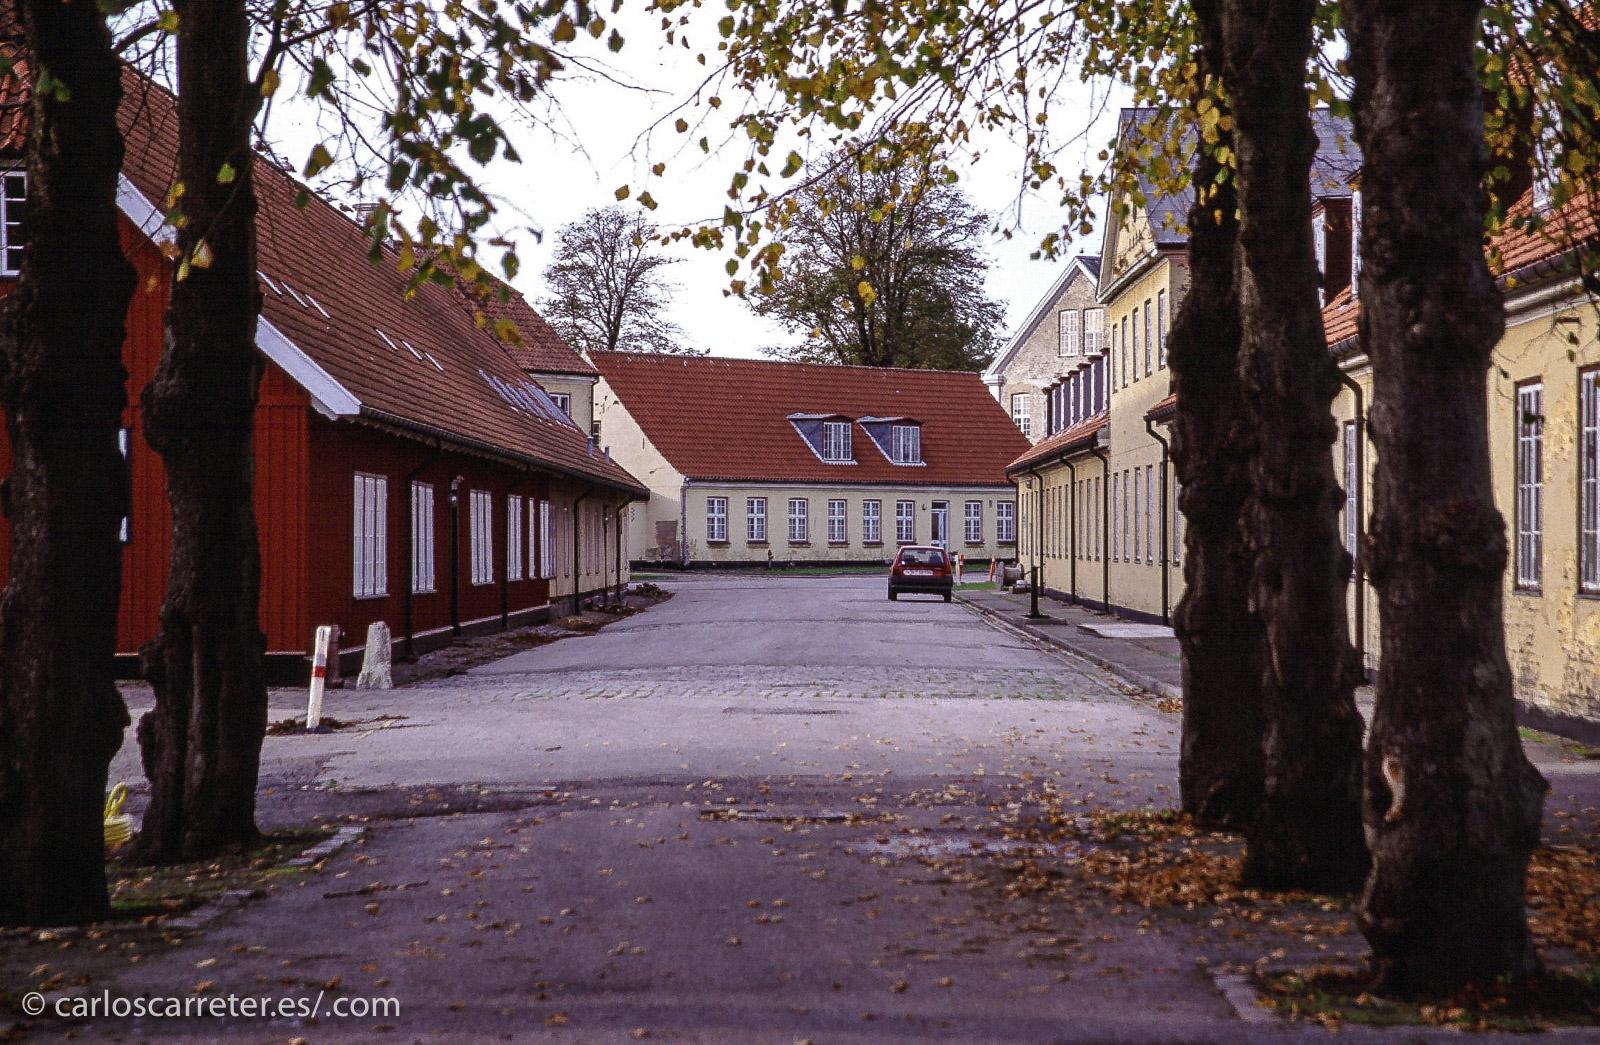 Hoy os traigo en fotos, algo de lo que se puede ver en estos días por mi Tumblr, cuya dirección viene abajo. Por ejemplo, aparecerán los acuartelamientos del castillo de Kronborg en Helsingør, la shakespeariana Elsinor, en Dinamarca.